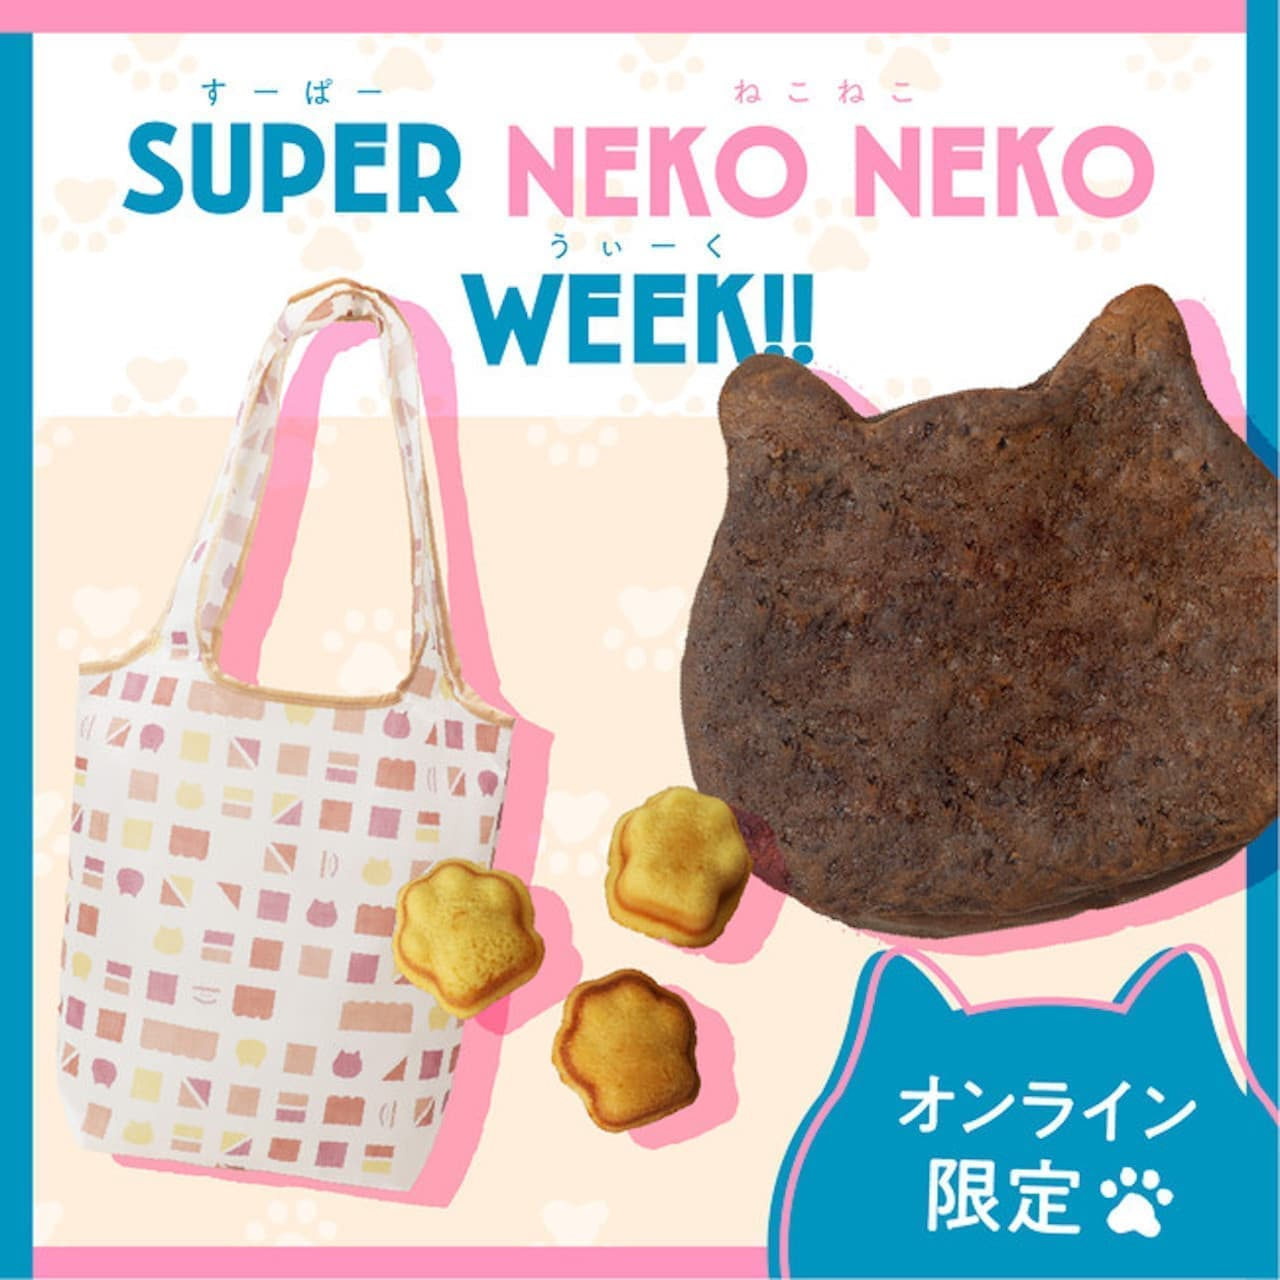 スーパーねこねこWeek「黒猫ショコラ+ねこねこエコバッグセット」